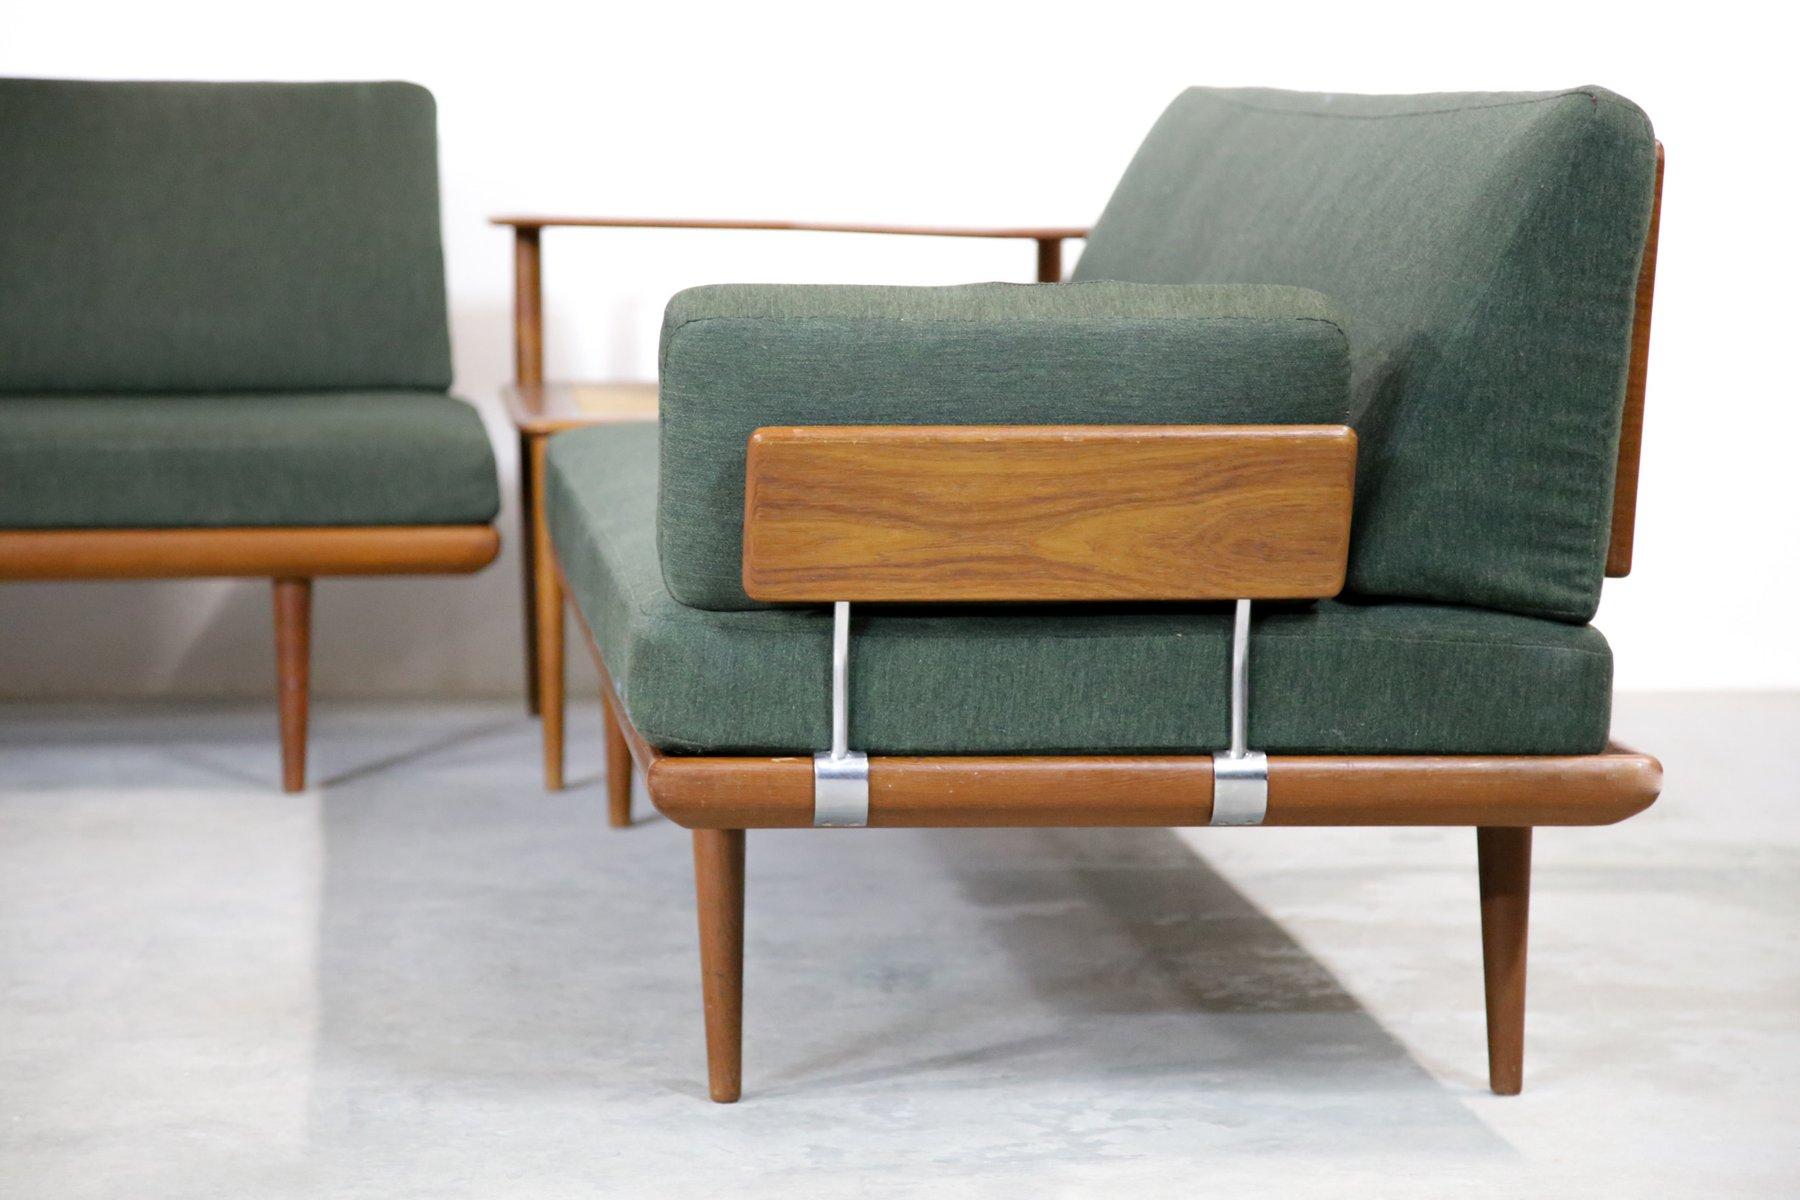 mobilier de salon scandinave par orla molgaard nielsen. Black Bedroom Furniture Sets. Home Design Ideas